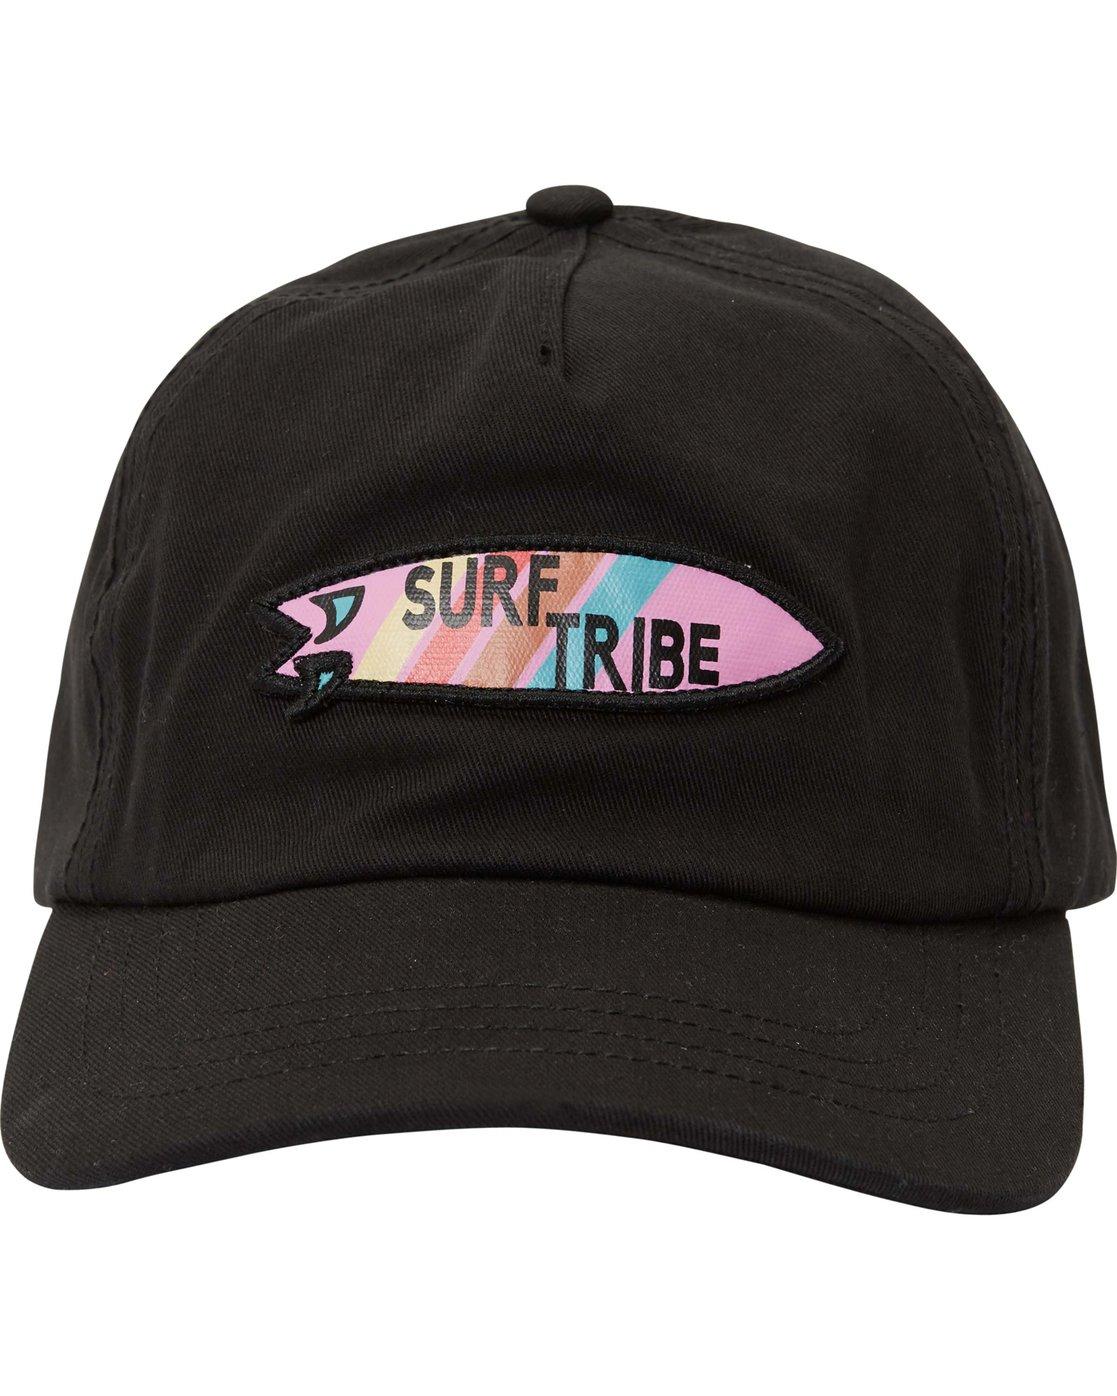 5a365d43563cf4 czech billabong same spark trucker hat 3debd b0f81; germany 1 girls surf  club hat black gahtmsur billabong a232d 10eab